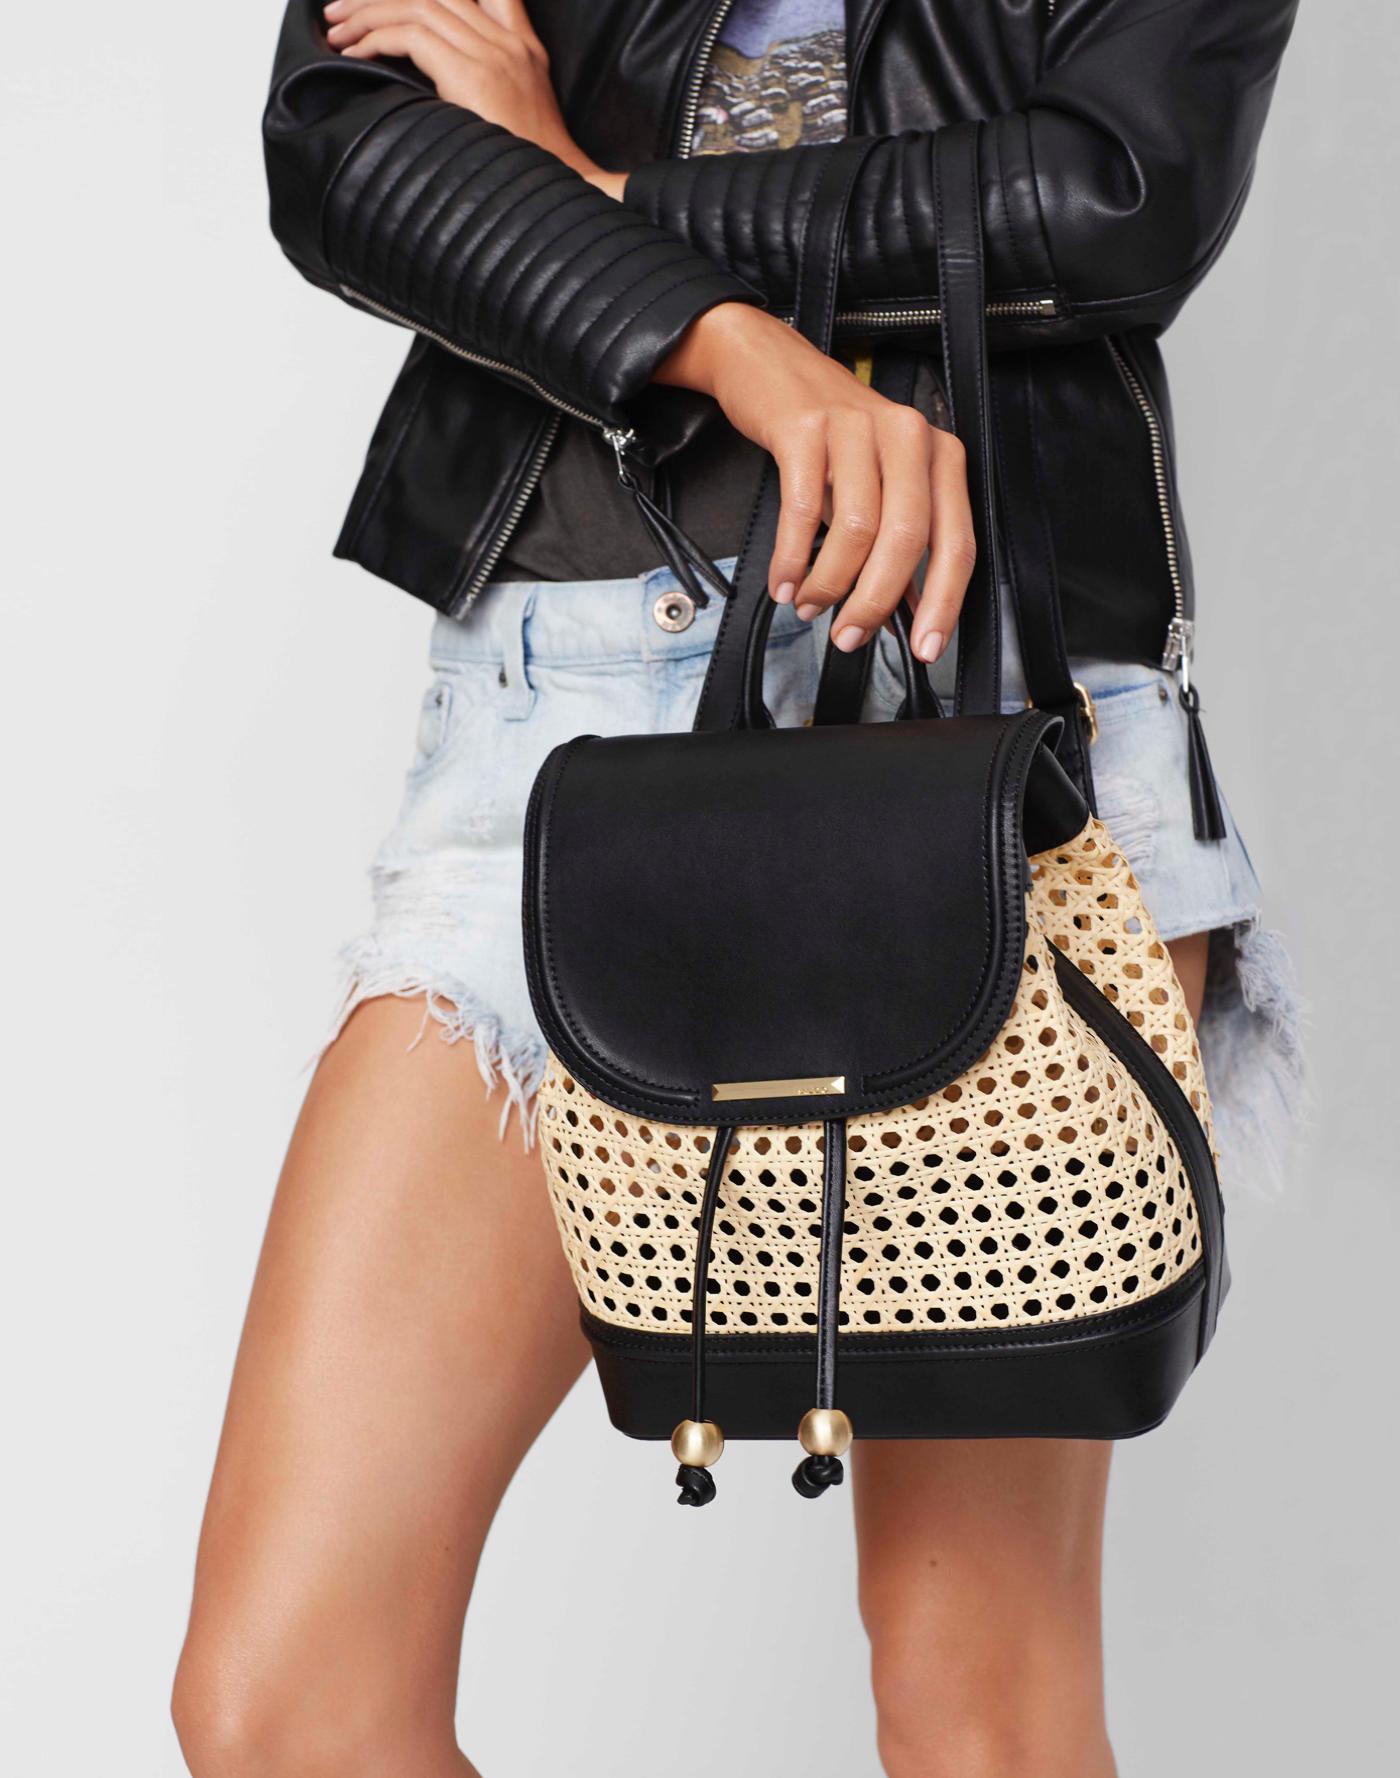 c4c524318a Handbags | Aldoshoes.com US